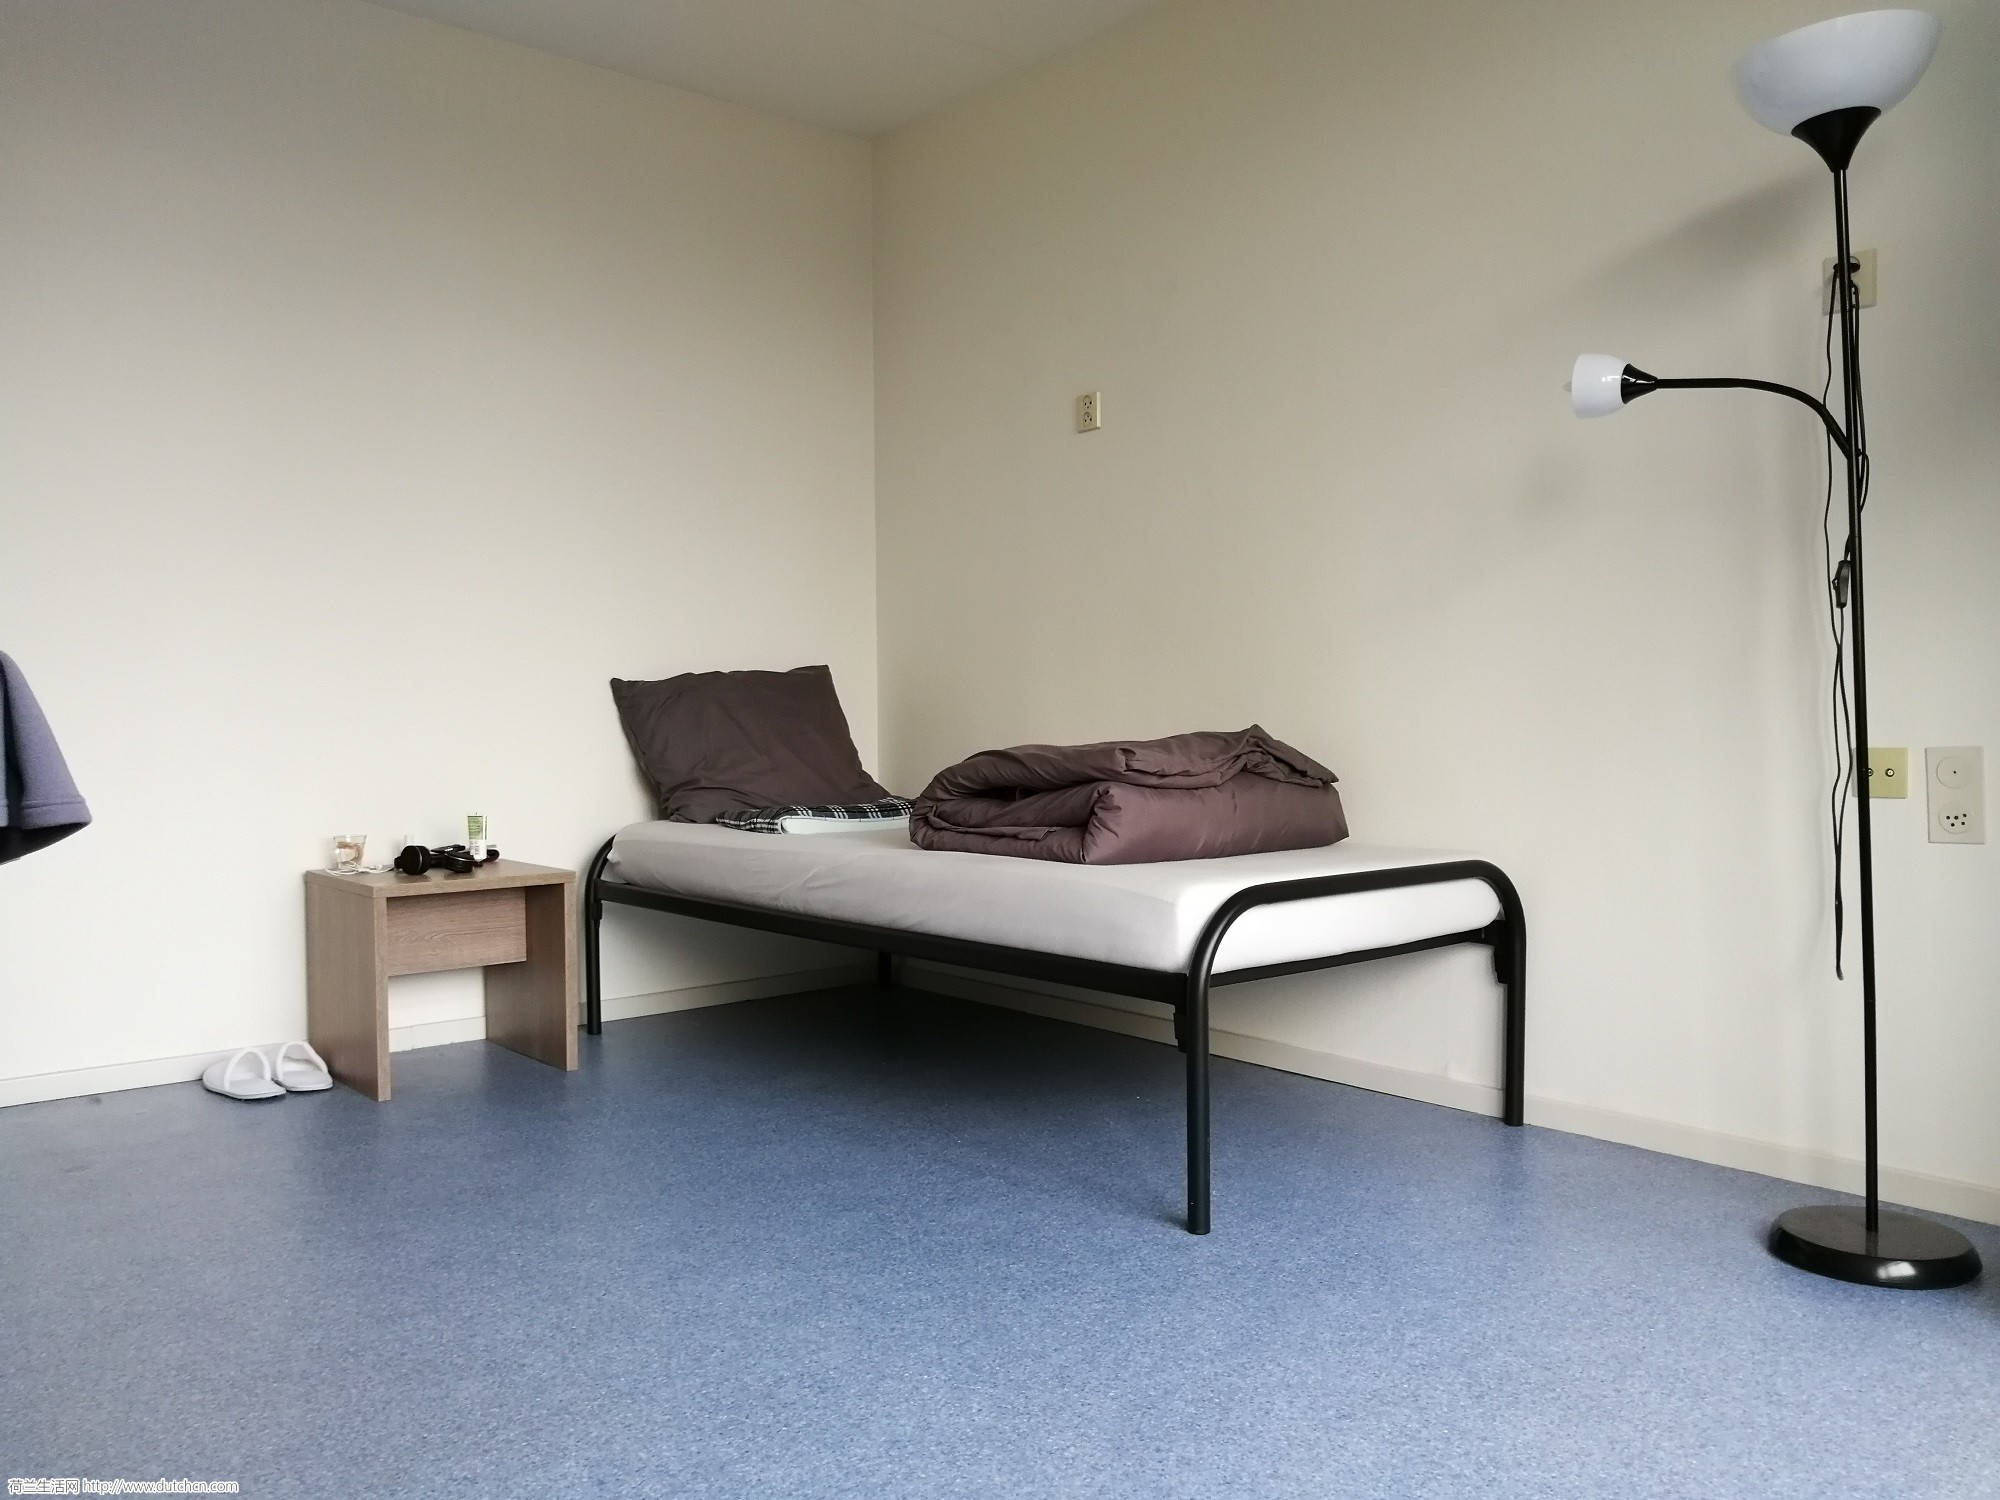 代尔伏特单身公寓四个月整租